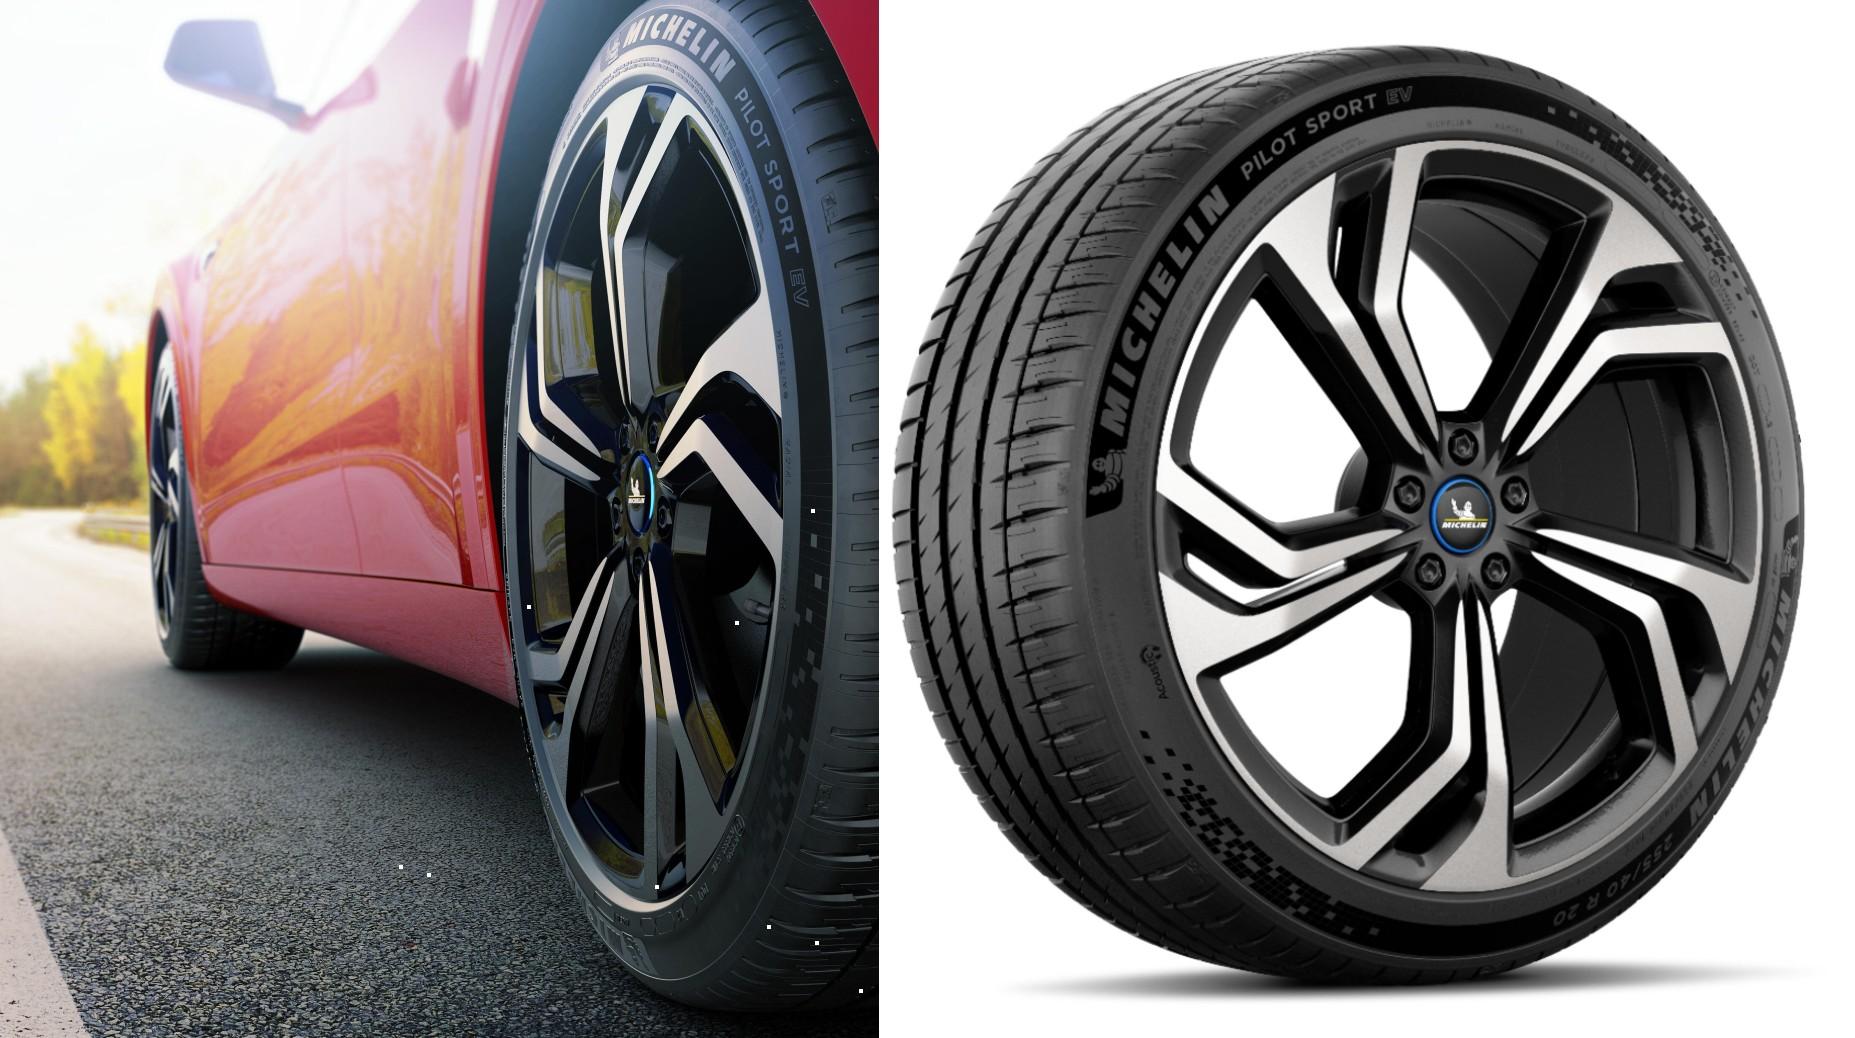 Michelin выпускает первые шины для электромобилей, предназначенные для электромобилей